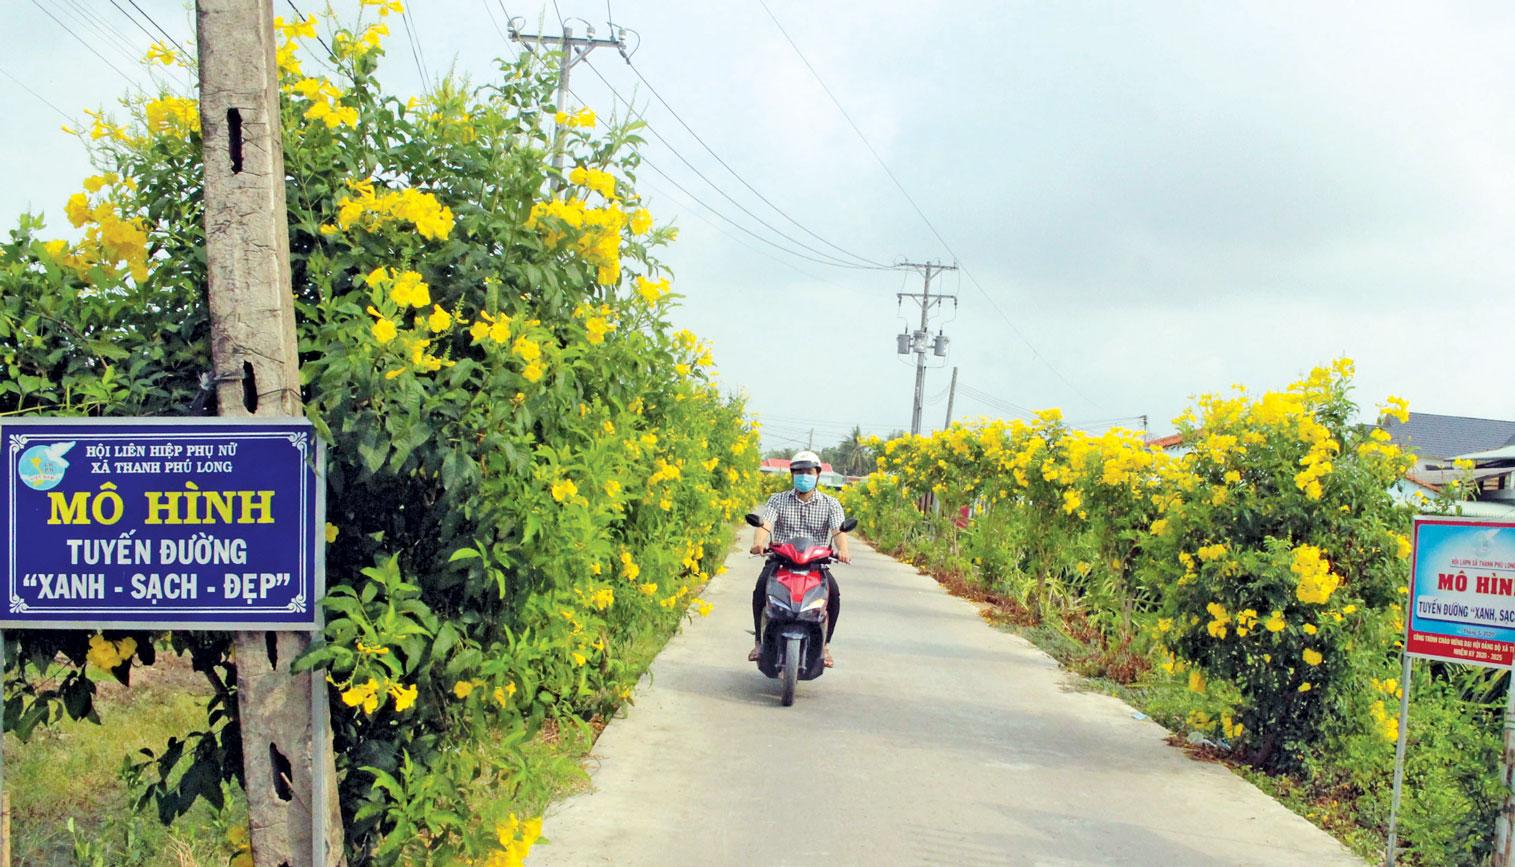 Ngành, tổ chức chính trị - xã hội xã Thanh Phú Long vận động người dân trồng hoa, cây xanh dọc các tuyến đường